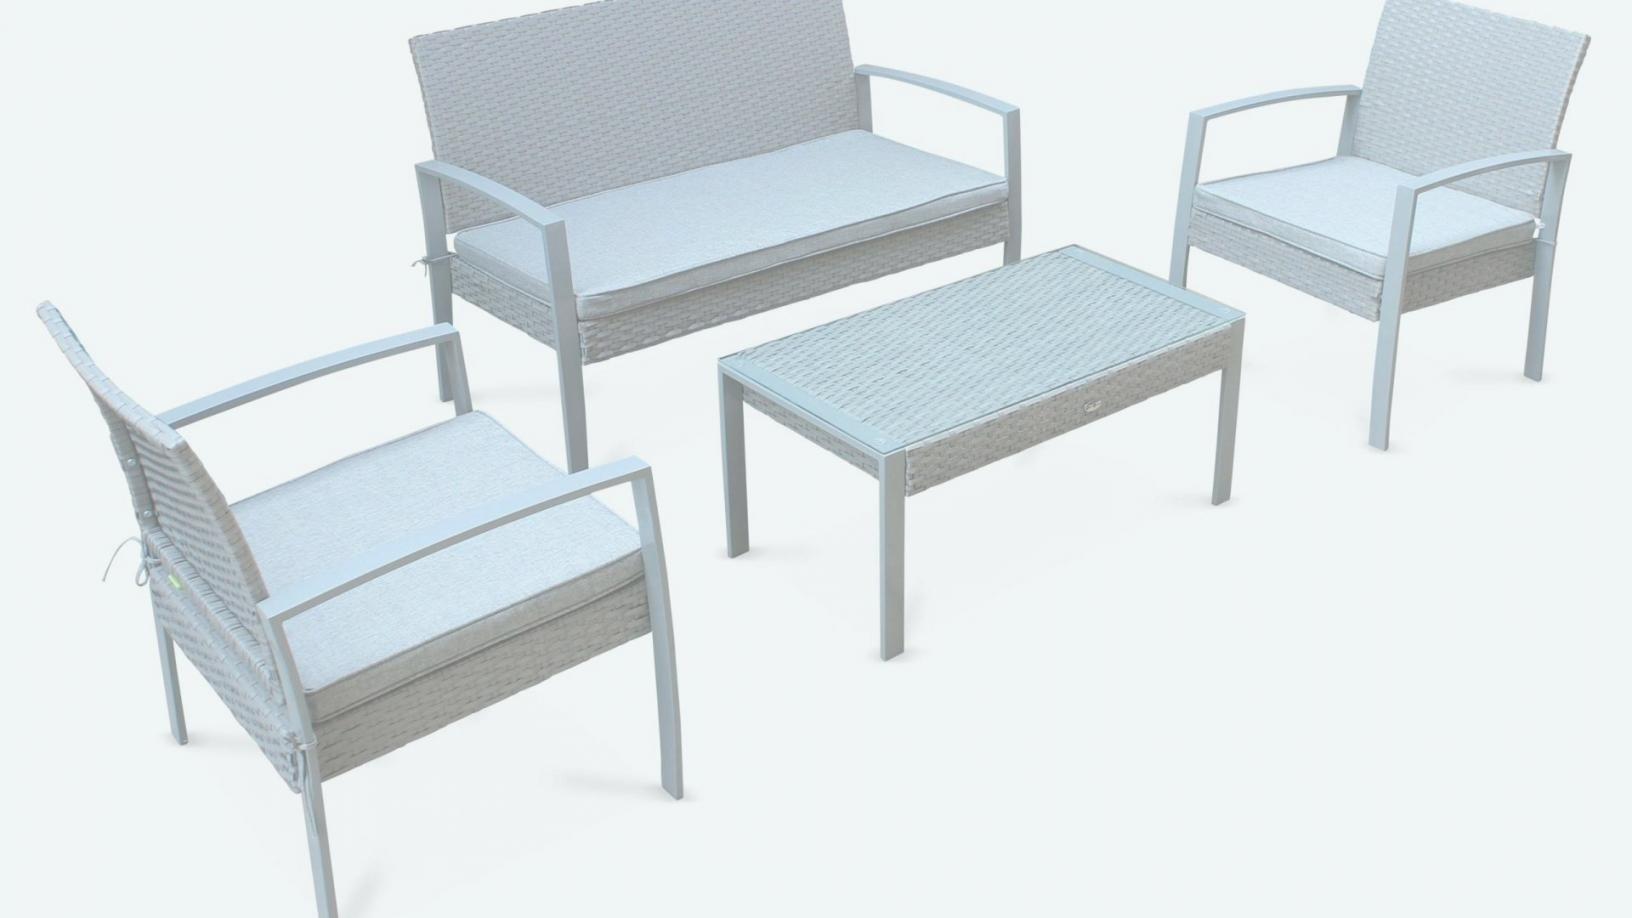 salon de jardin manomano jardin. Black Bedroom Furniture Sets. Home Design Ideas